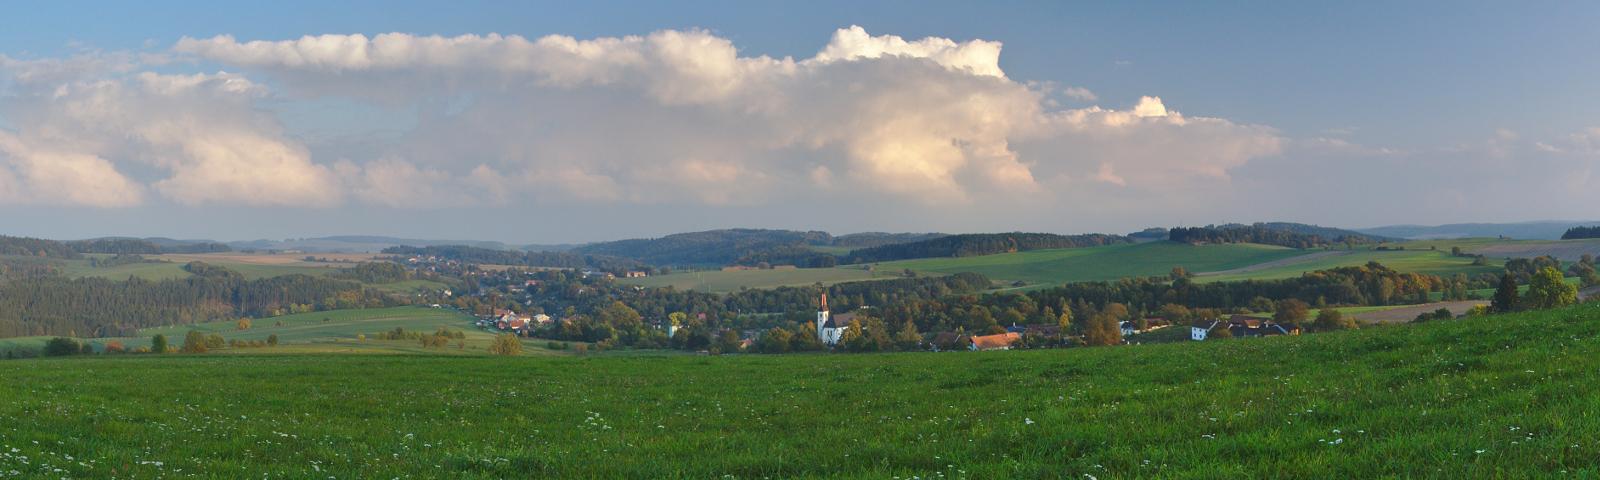 Pohled na obec Kladky